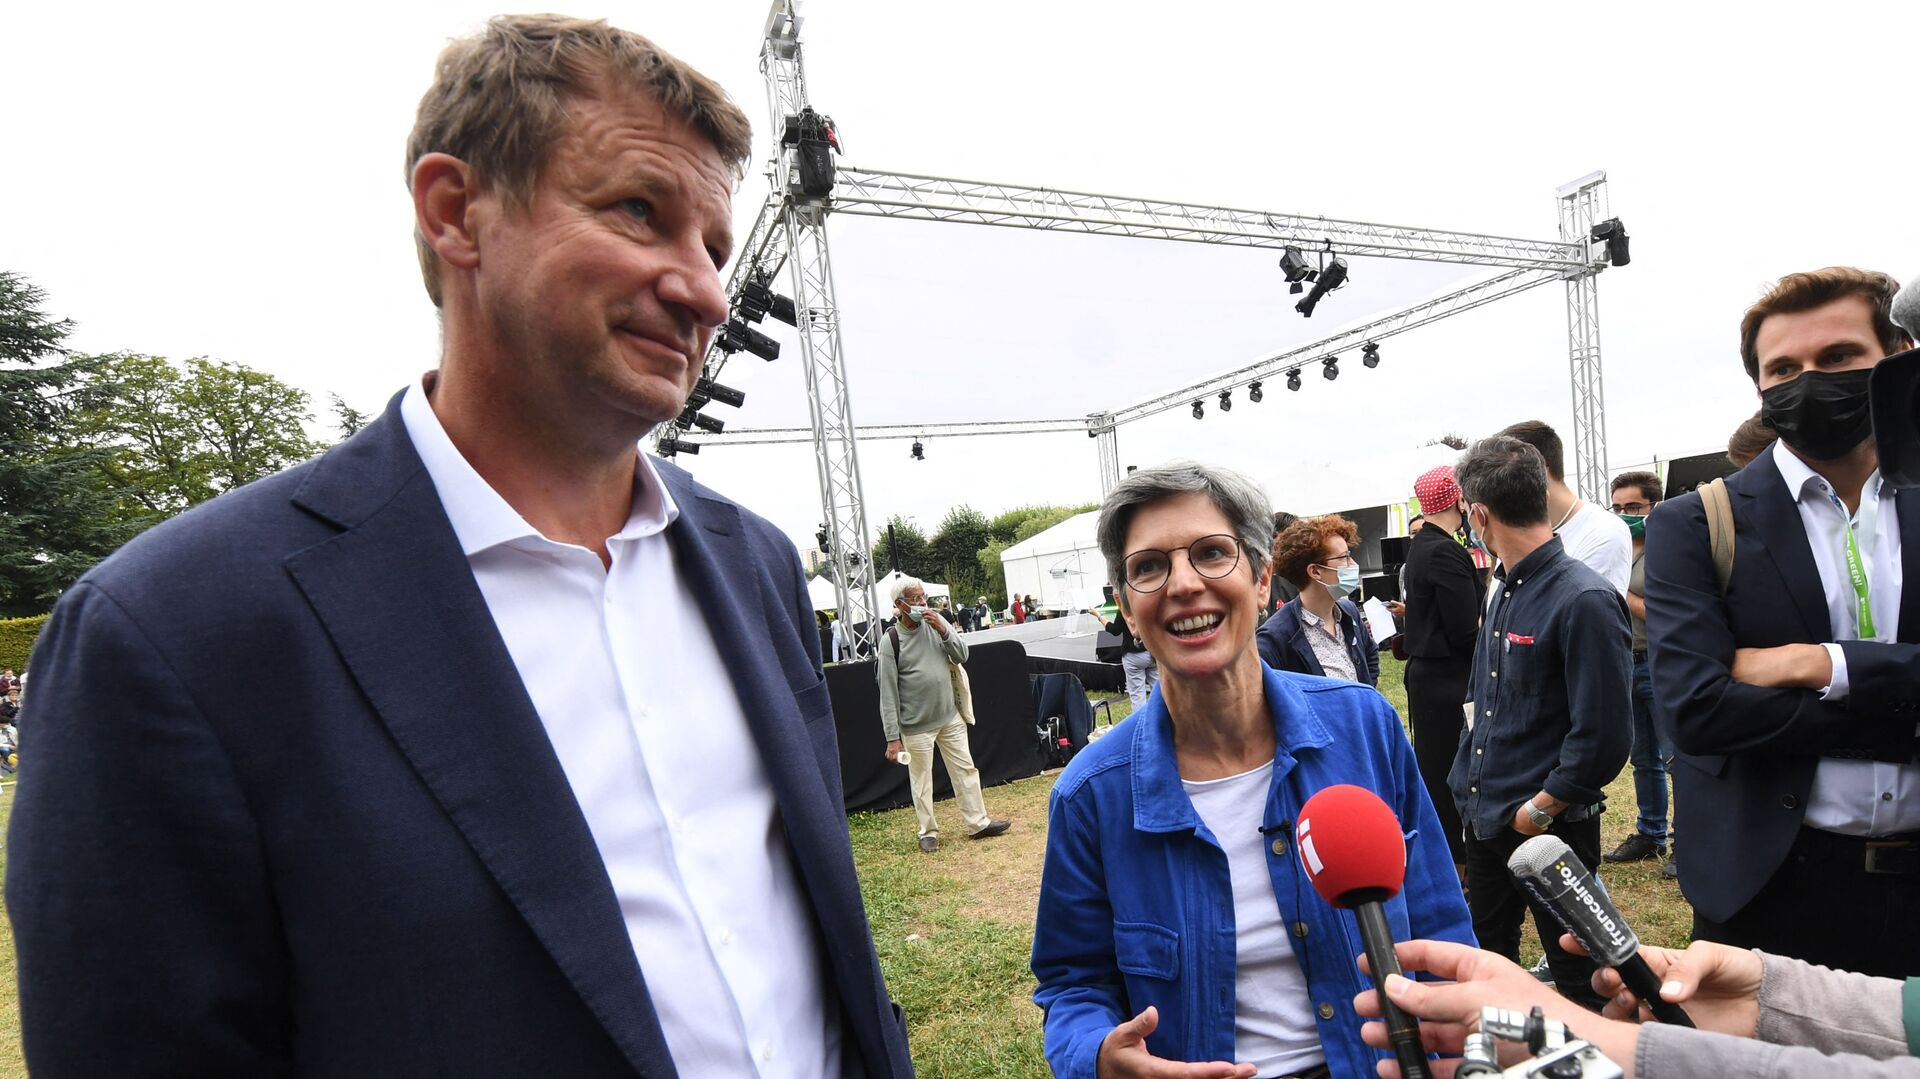 Yannick Jadot et Sandrine Rousseau, placés en tête du premier tour de la primaire écologiste - Sputnik France, 1920, 19.09.2021